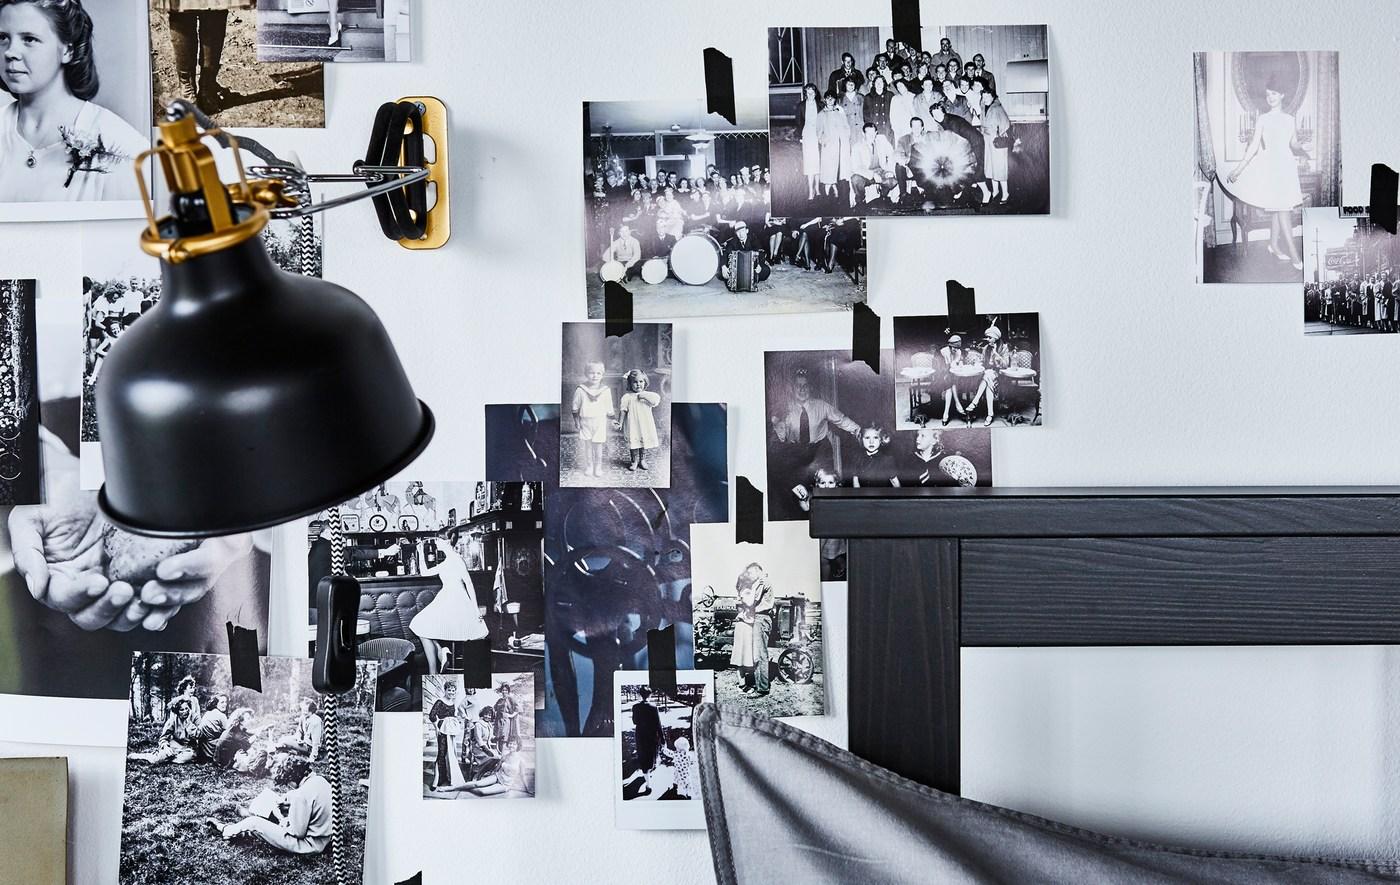 Qualche idea nuova per la camera da letto? Decora la parete dietro la testiera con un collage di foto. Per una luce dedicata, da IKEA trovi il faretto da parete/con morsetto RANARP nero. Puoi orientare facilmente la luce dove serve grazie alla testa regolabile della lampada. - IKEA